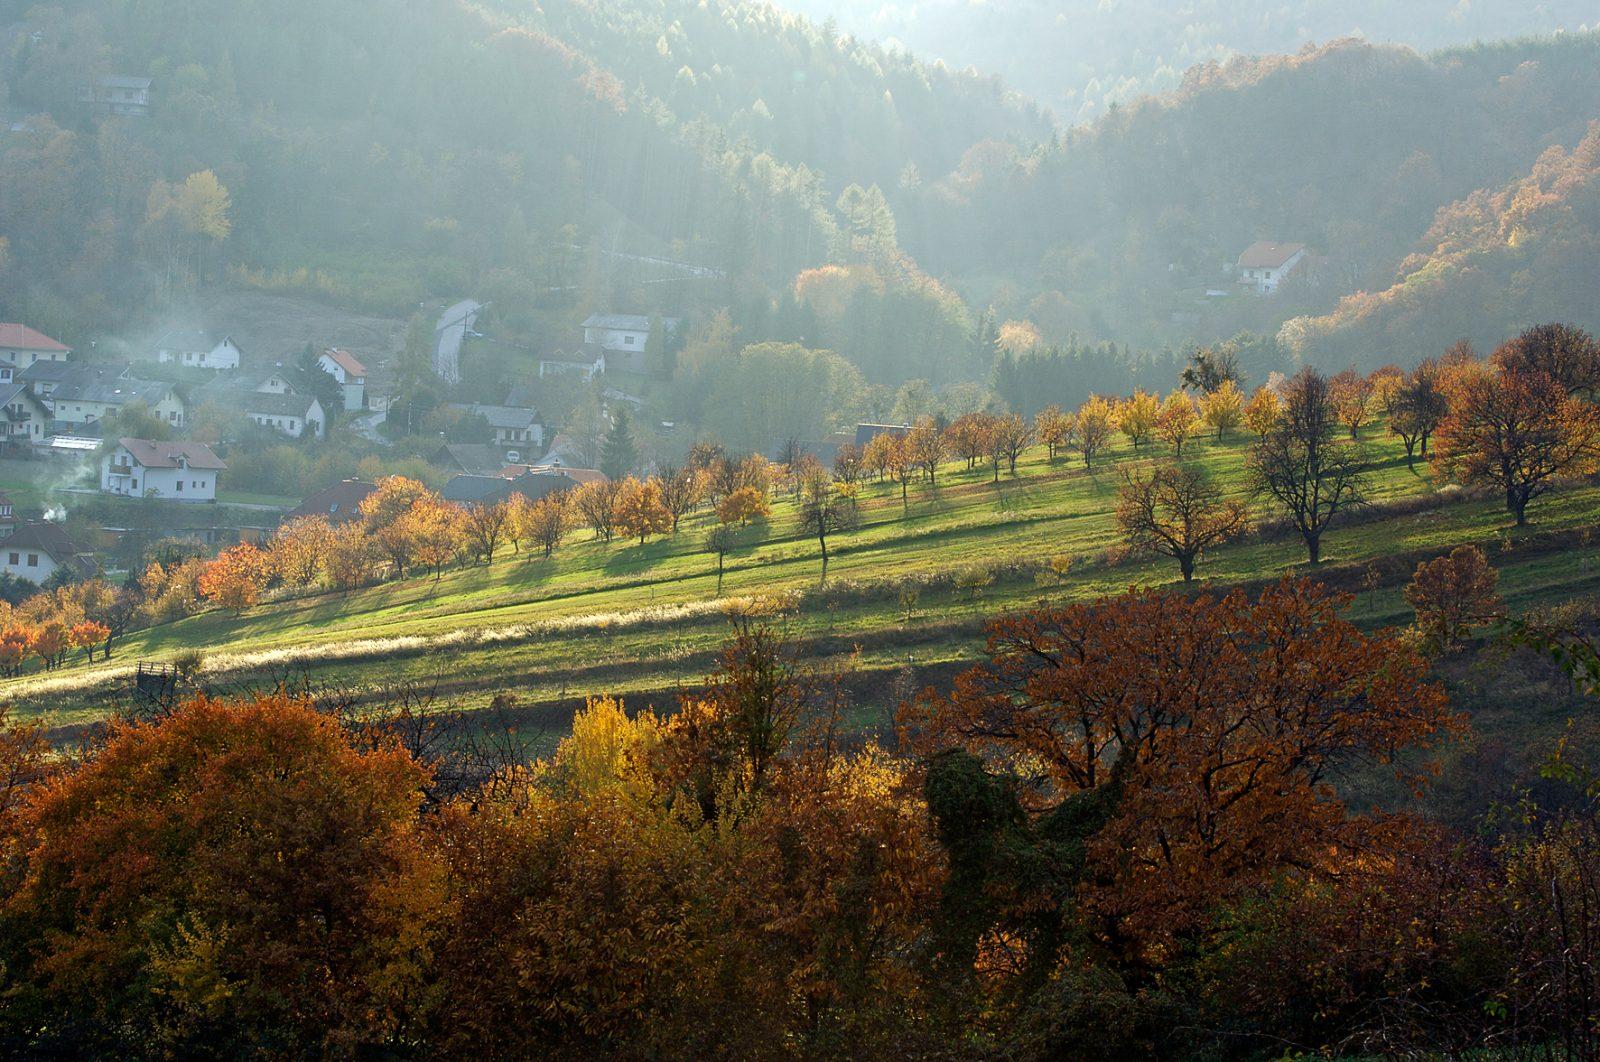 Herbst in Tal bei Forchtenstein